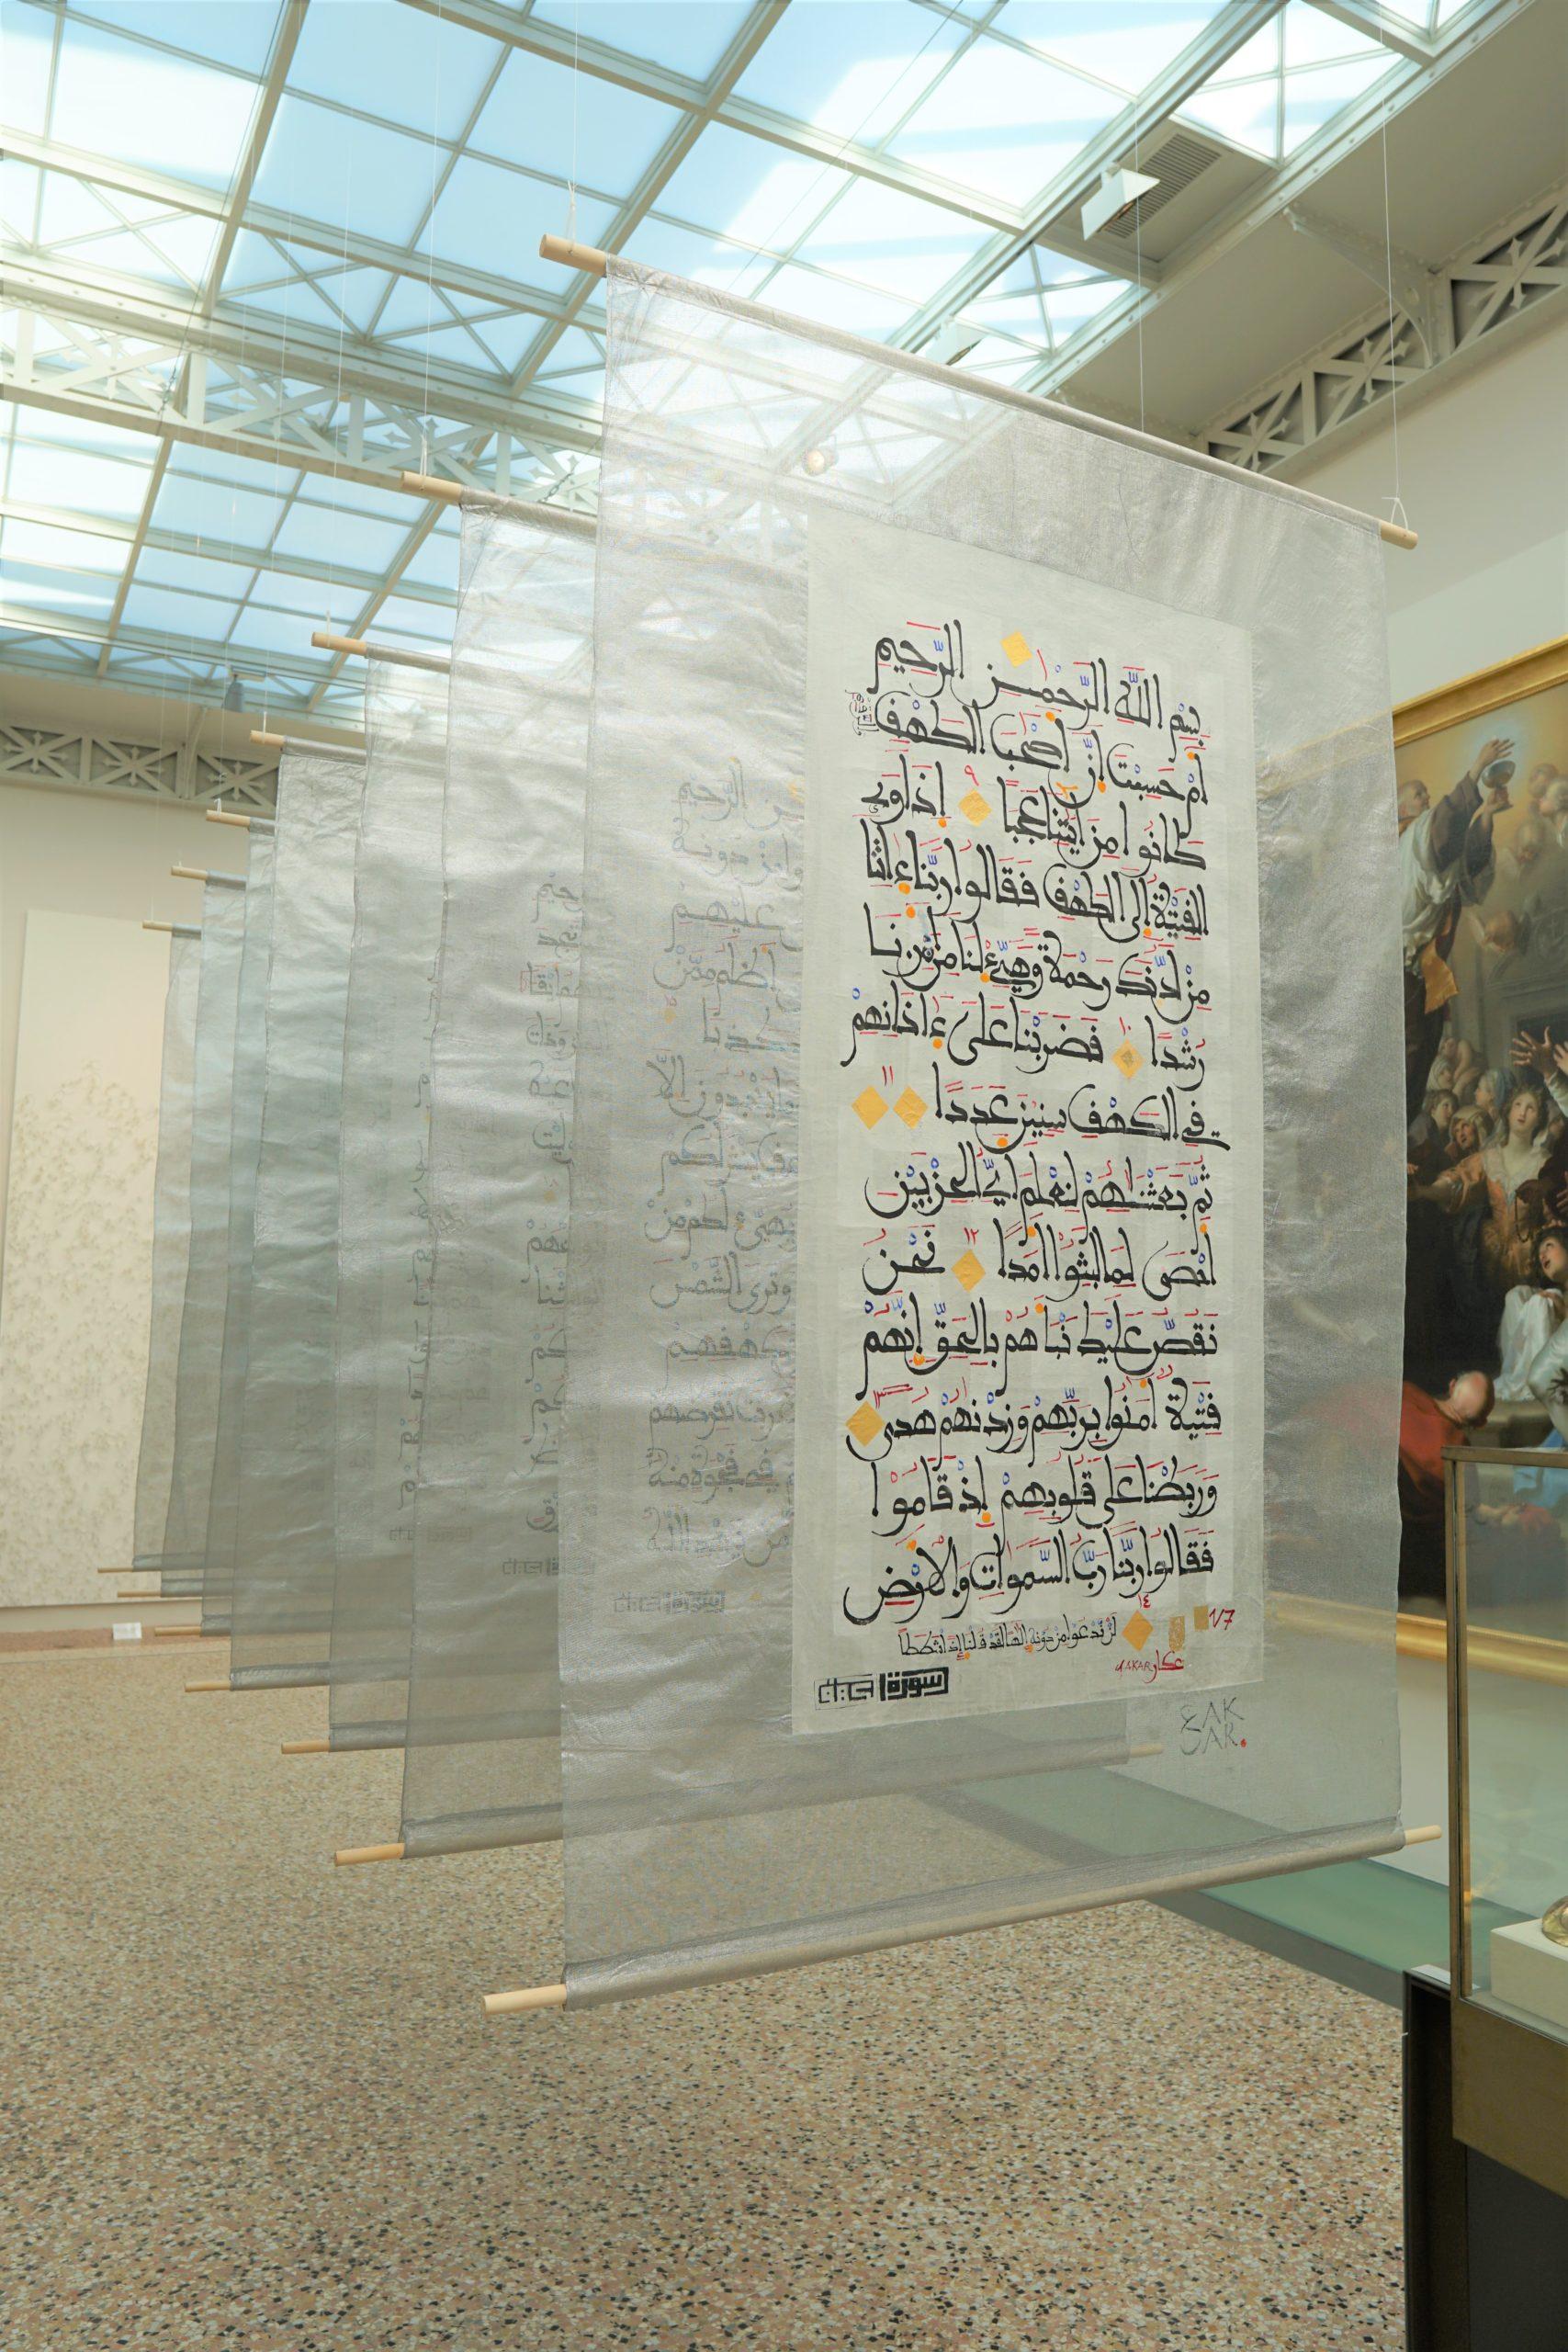 Les Sept Dormants ou Al Kahf - La caverne, Calligraphie de la sourate 18 sur sept textiles en suspension, encres, papiers et feuilles d'or sur tarlatane, 250 x 132 cm